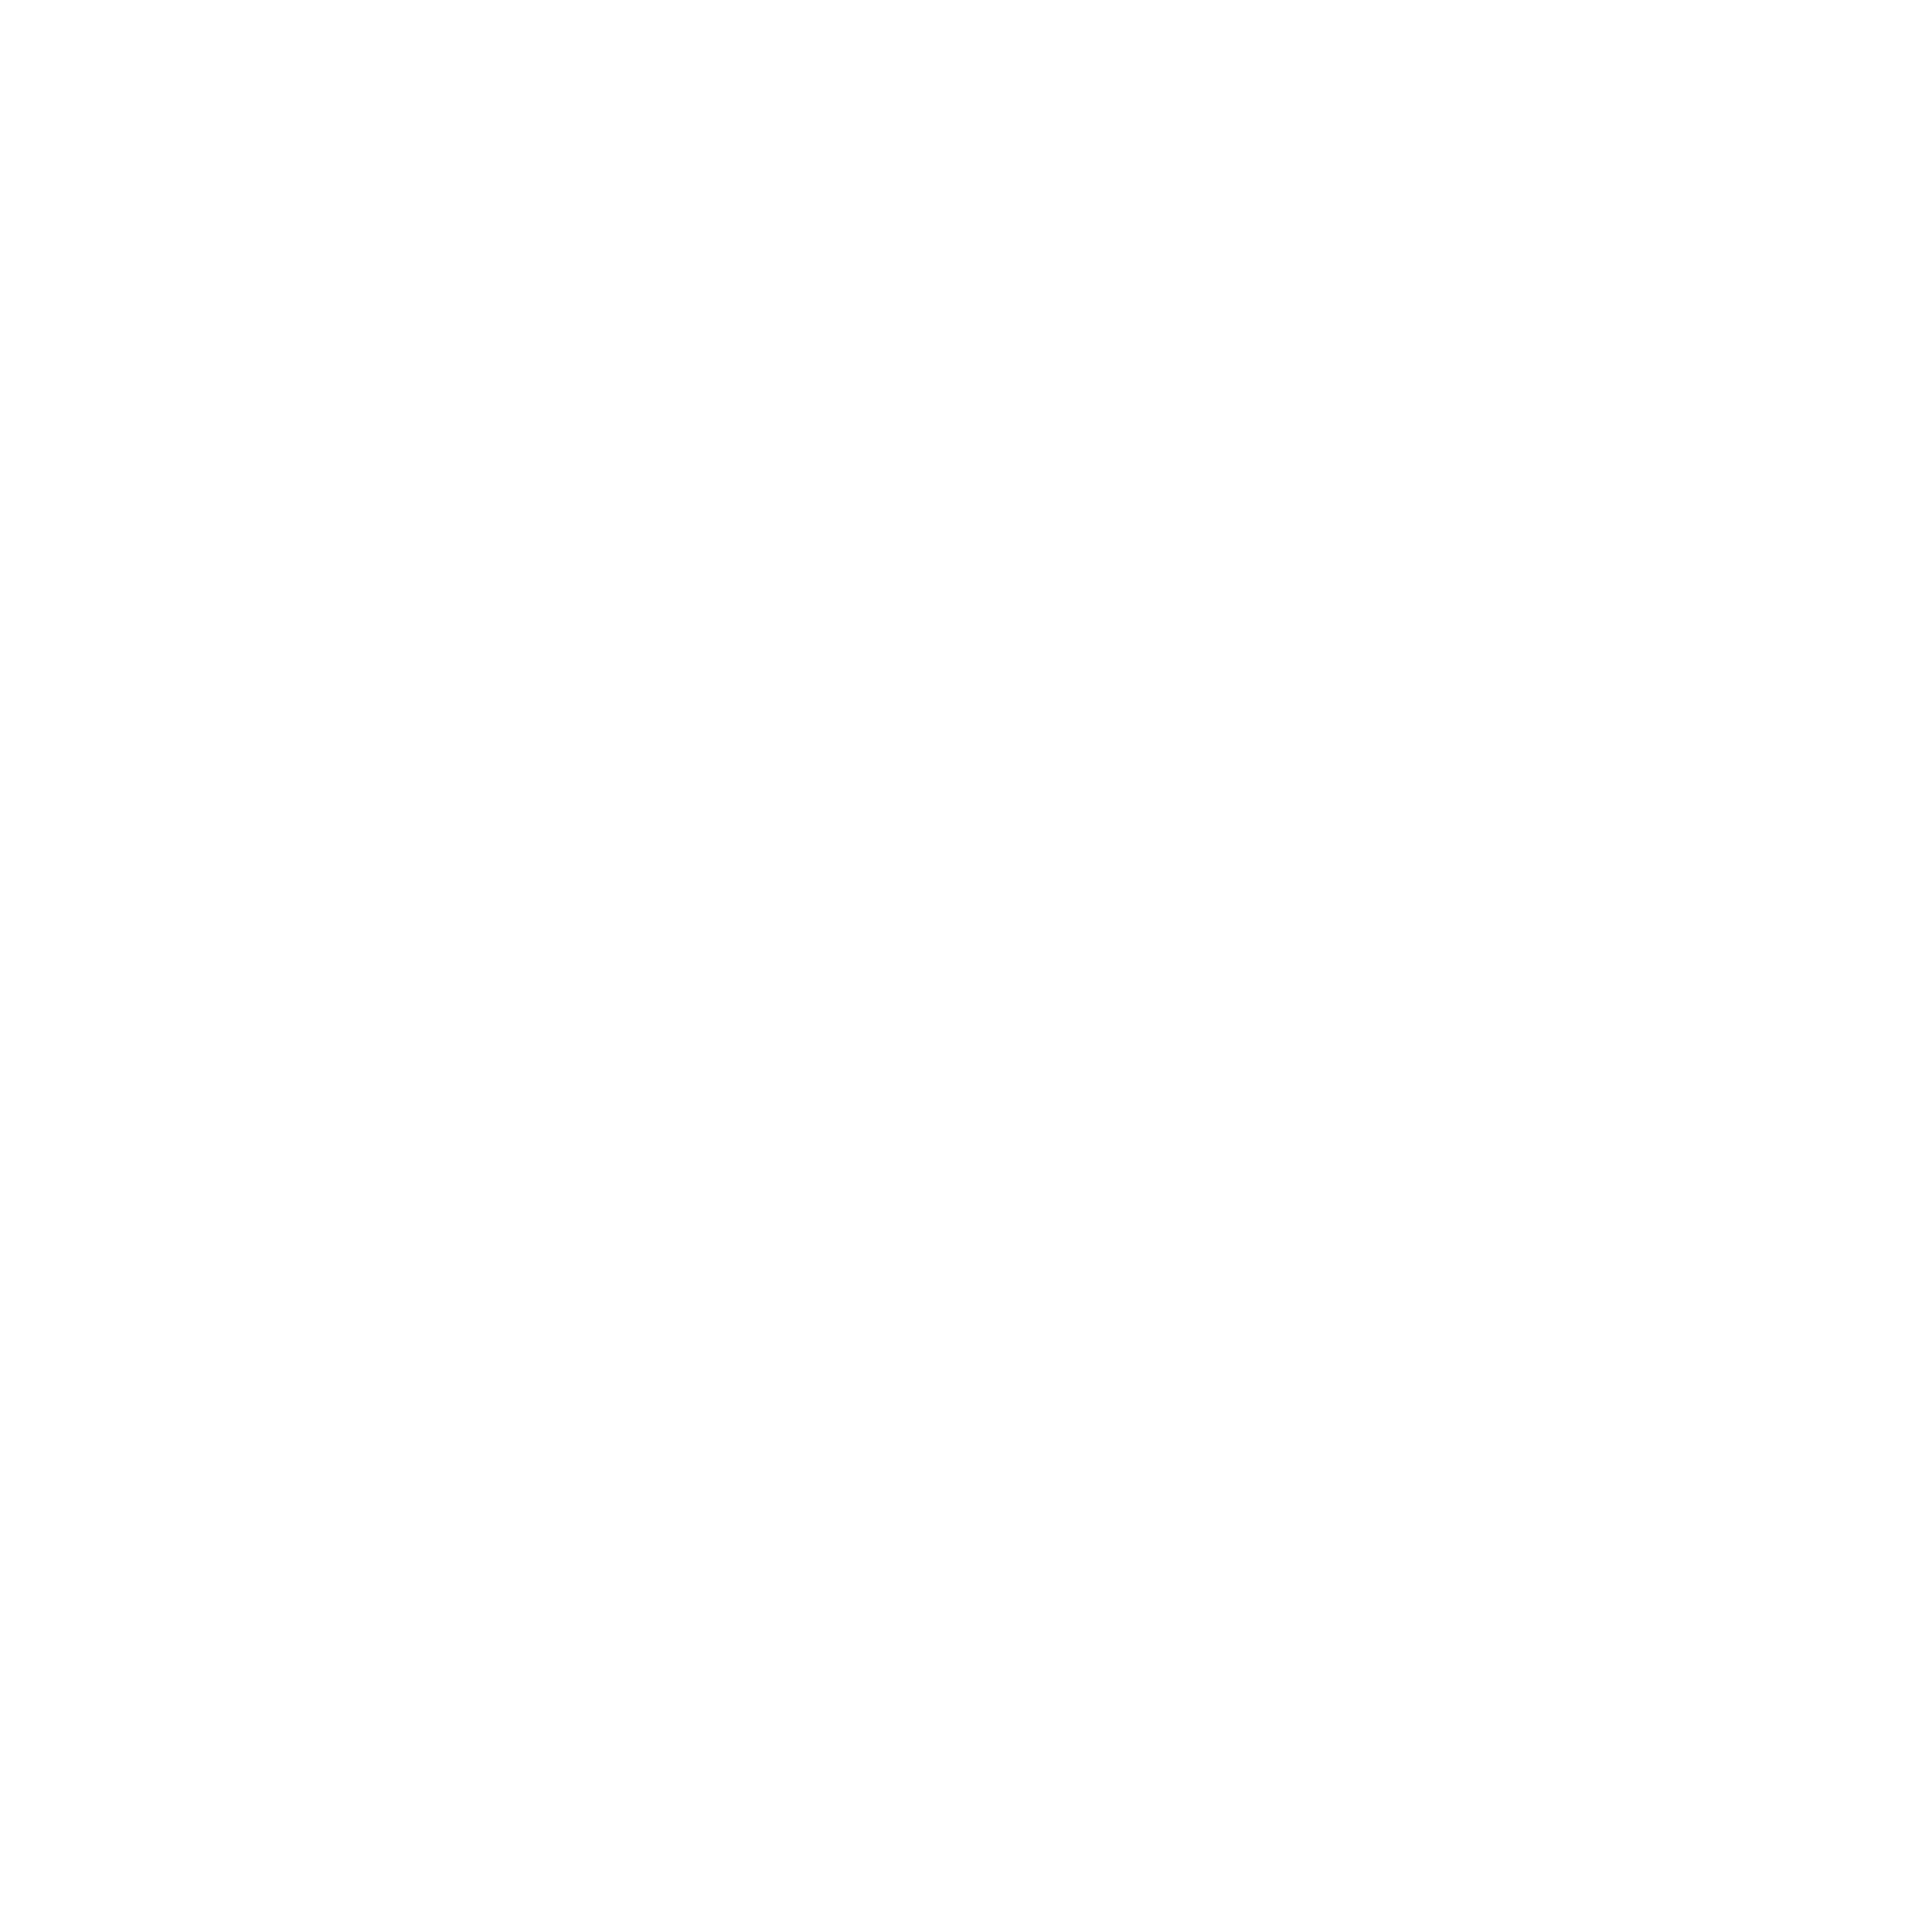 Eskoweb